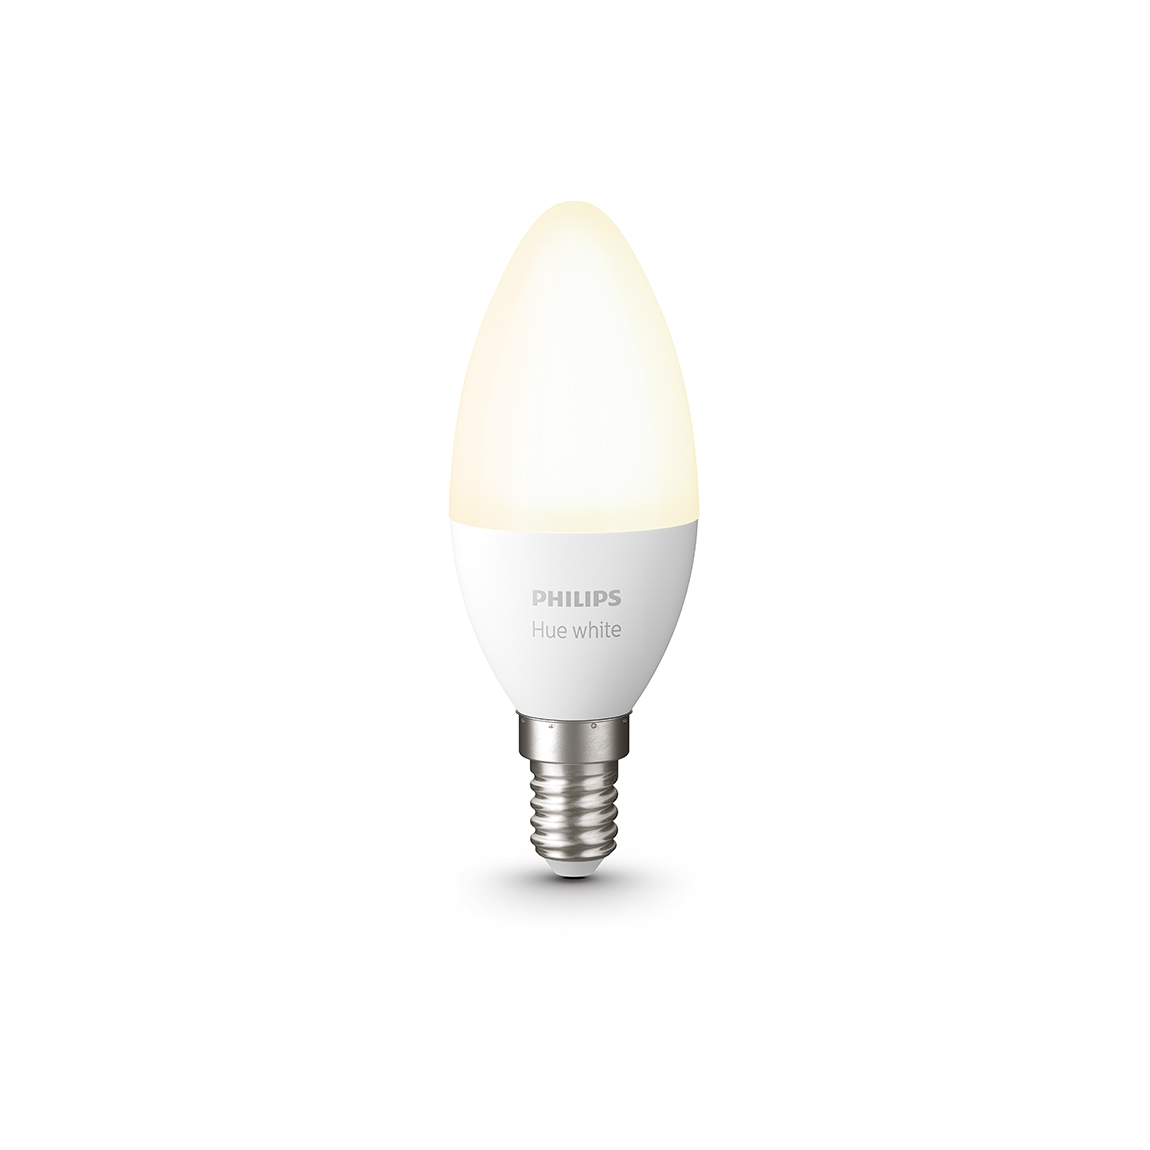 Philips Hue White E14 Bluetooth - LED-Kerze - Weiß